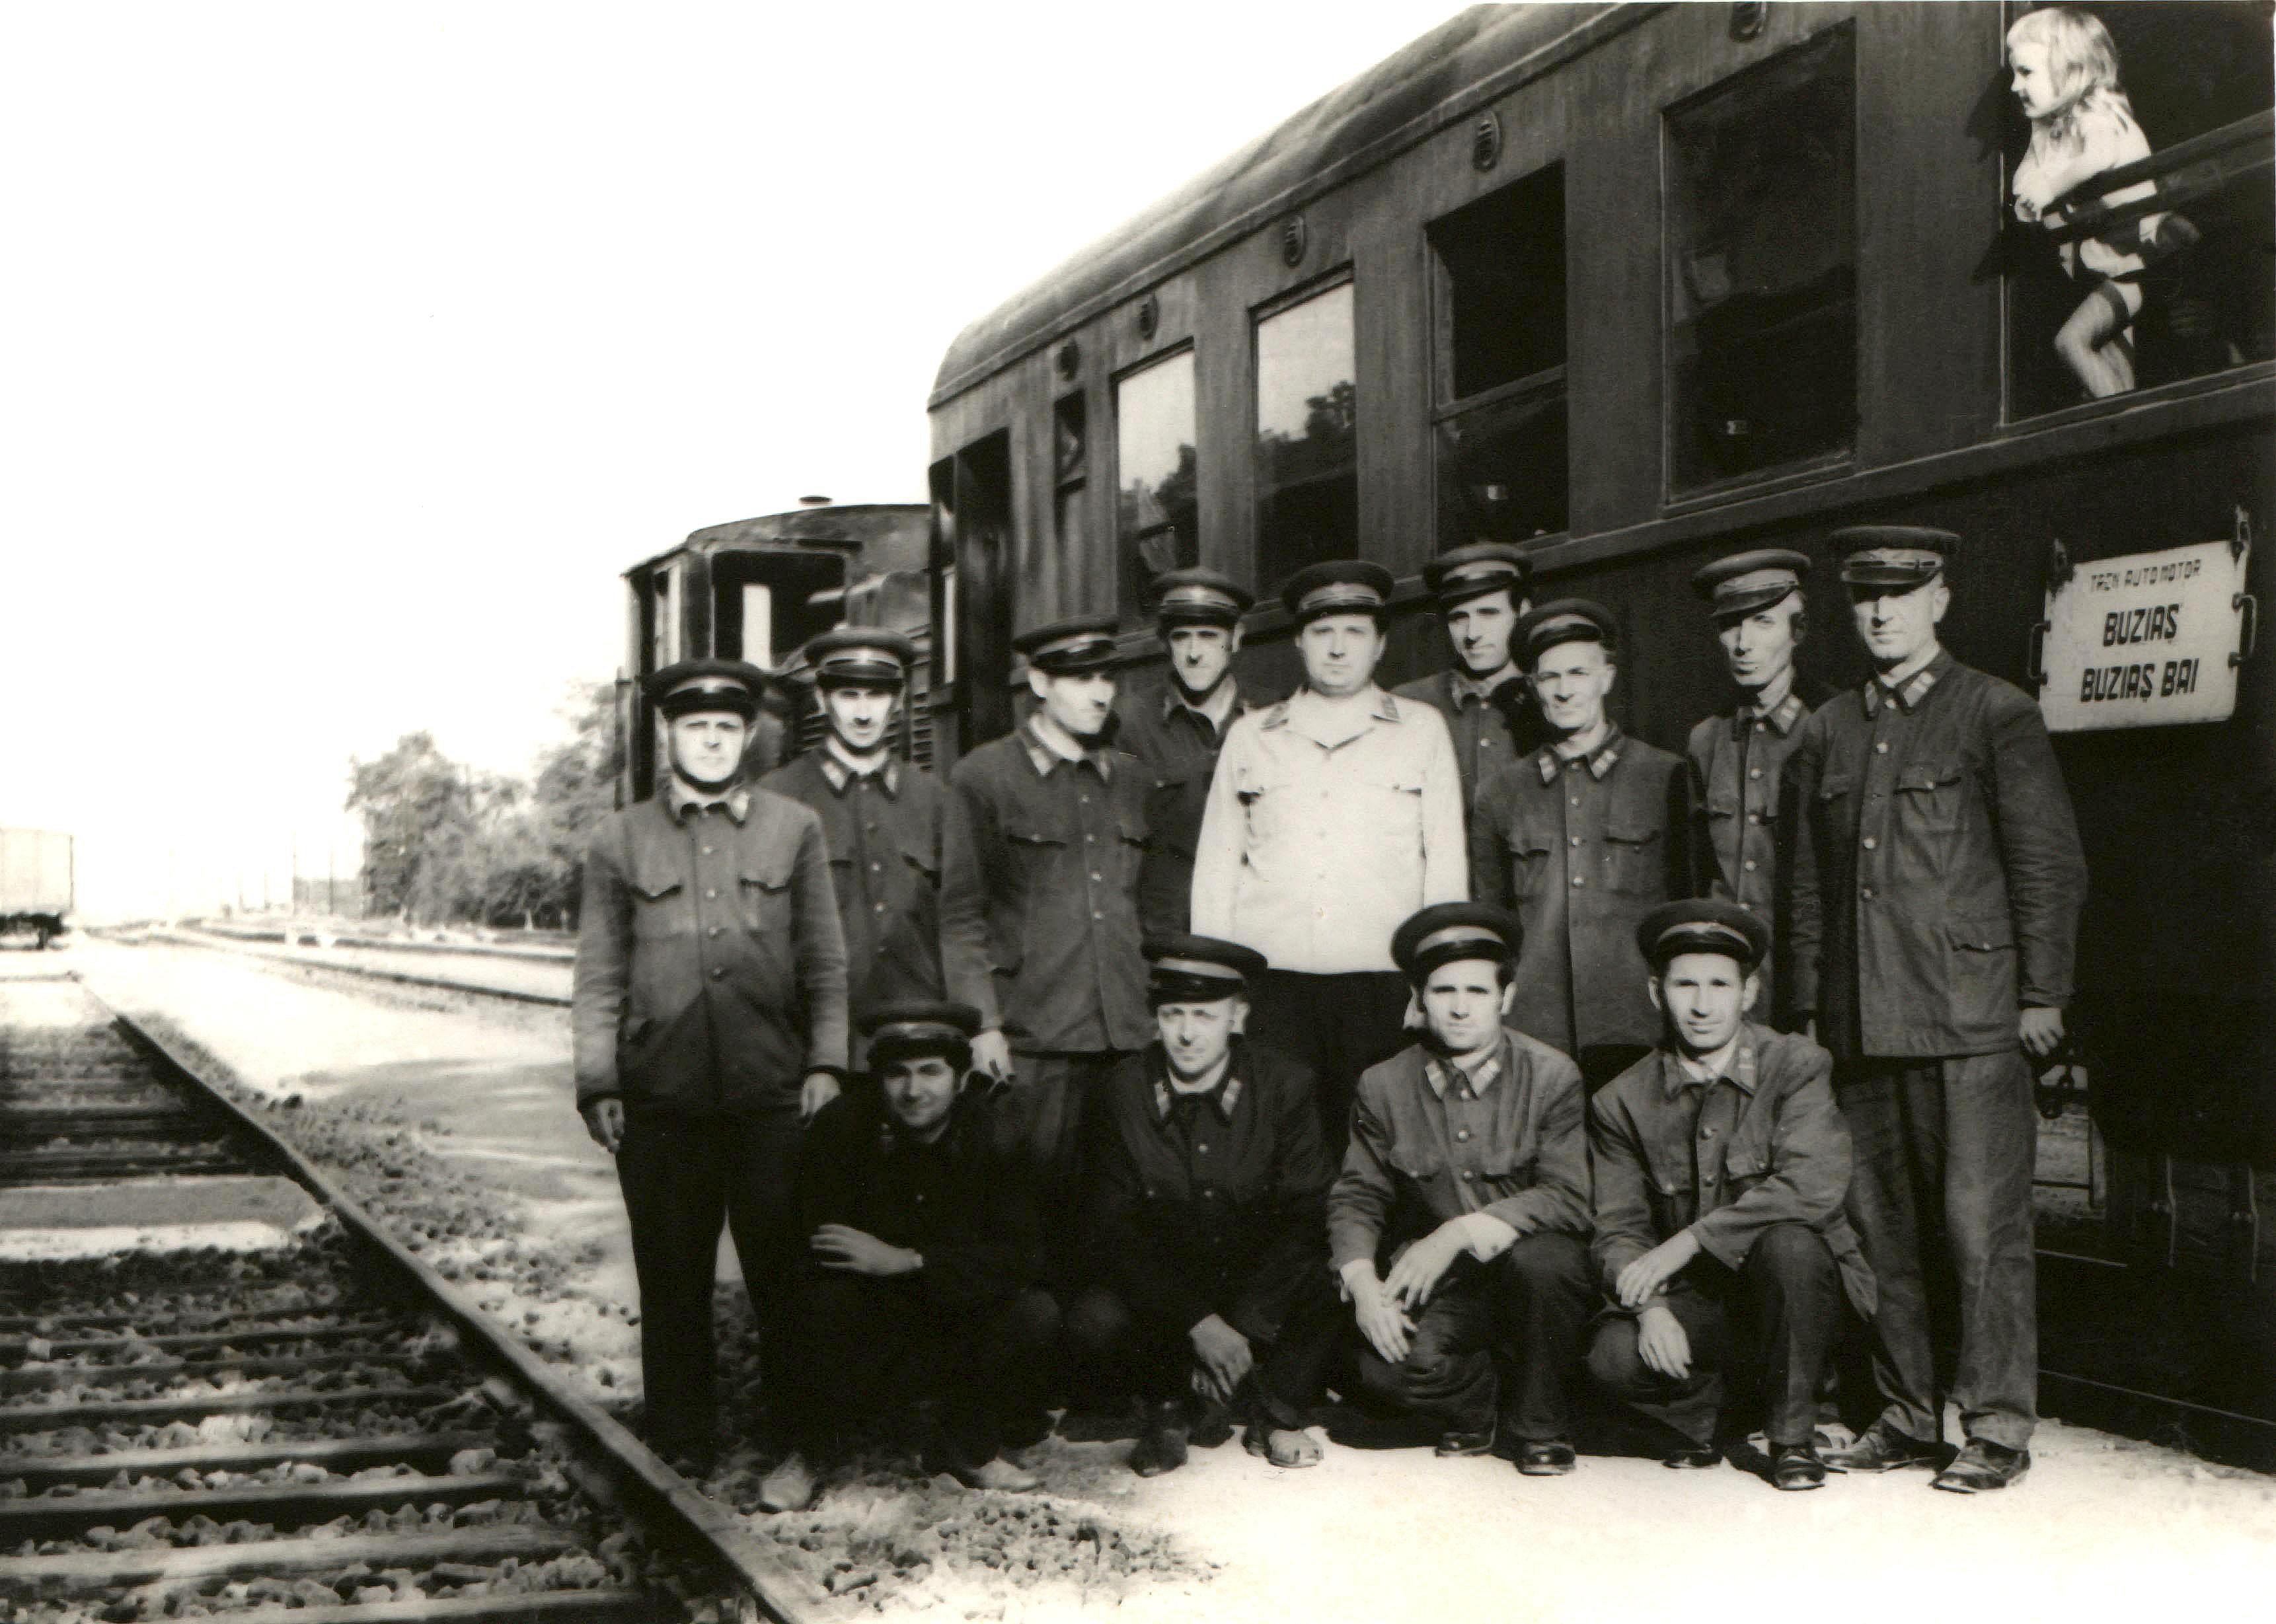 Abschiedsfoto der Bahnwärter